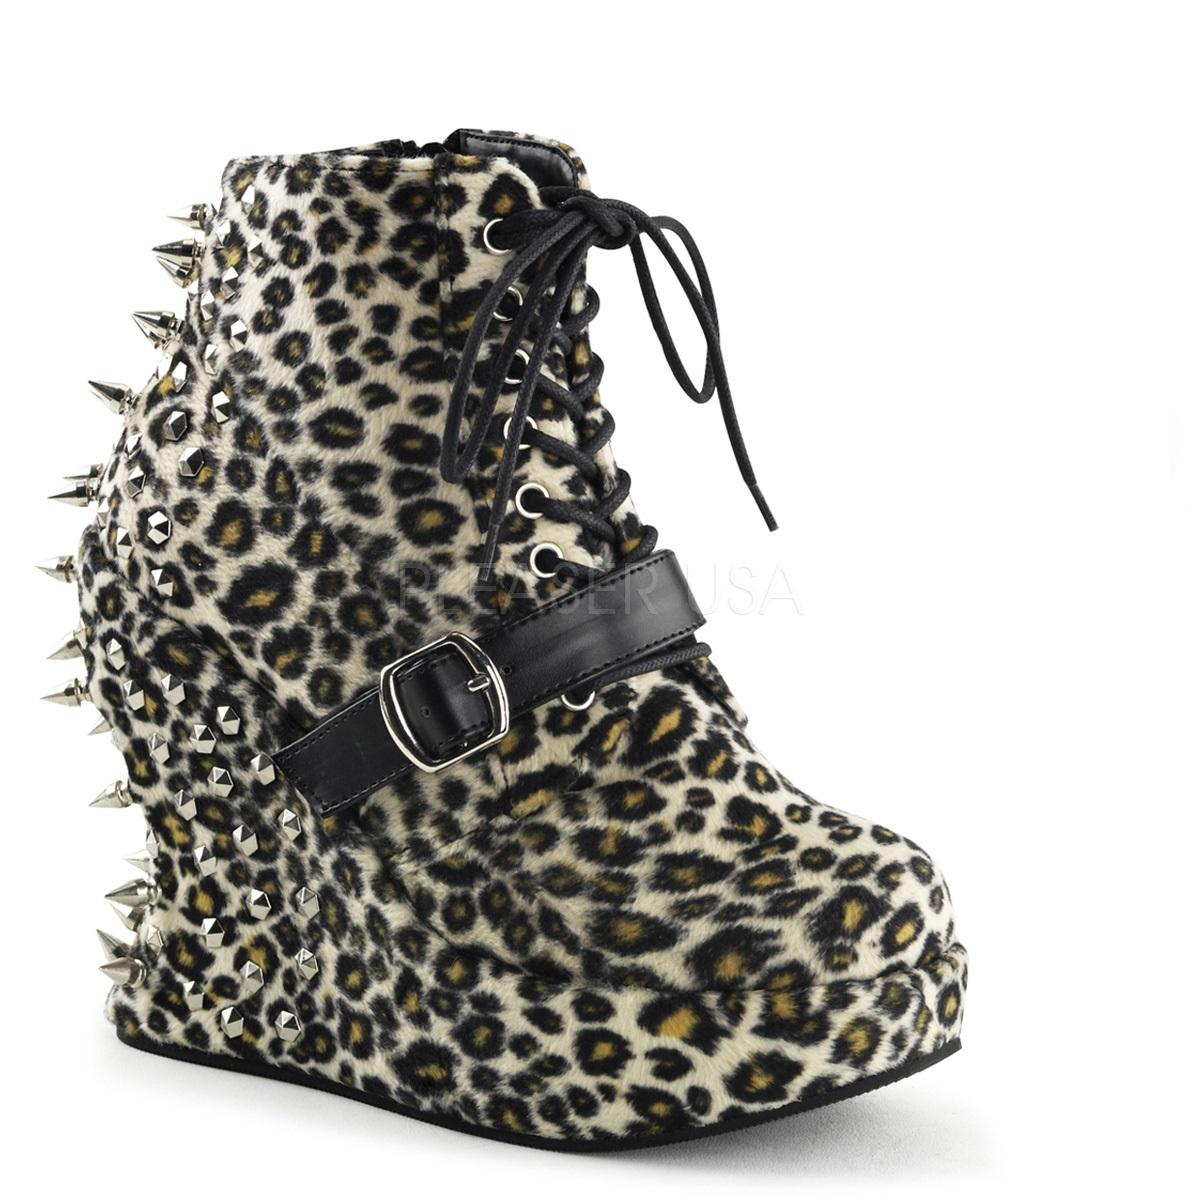 Bottines Chaussures Compensées Compensées Femmes Chaussures Chaussures Nouveautés Compensées Nouveautés Bottines Femmes Bottines Femmes UBp8xZTx